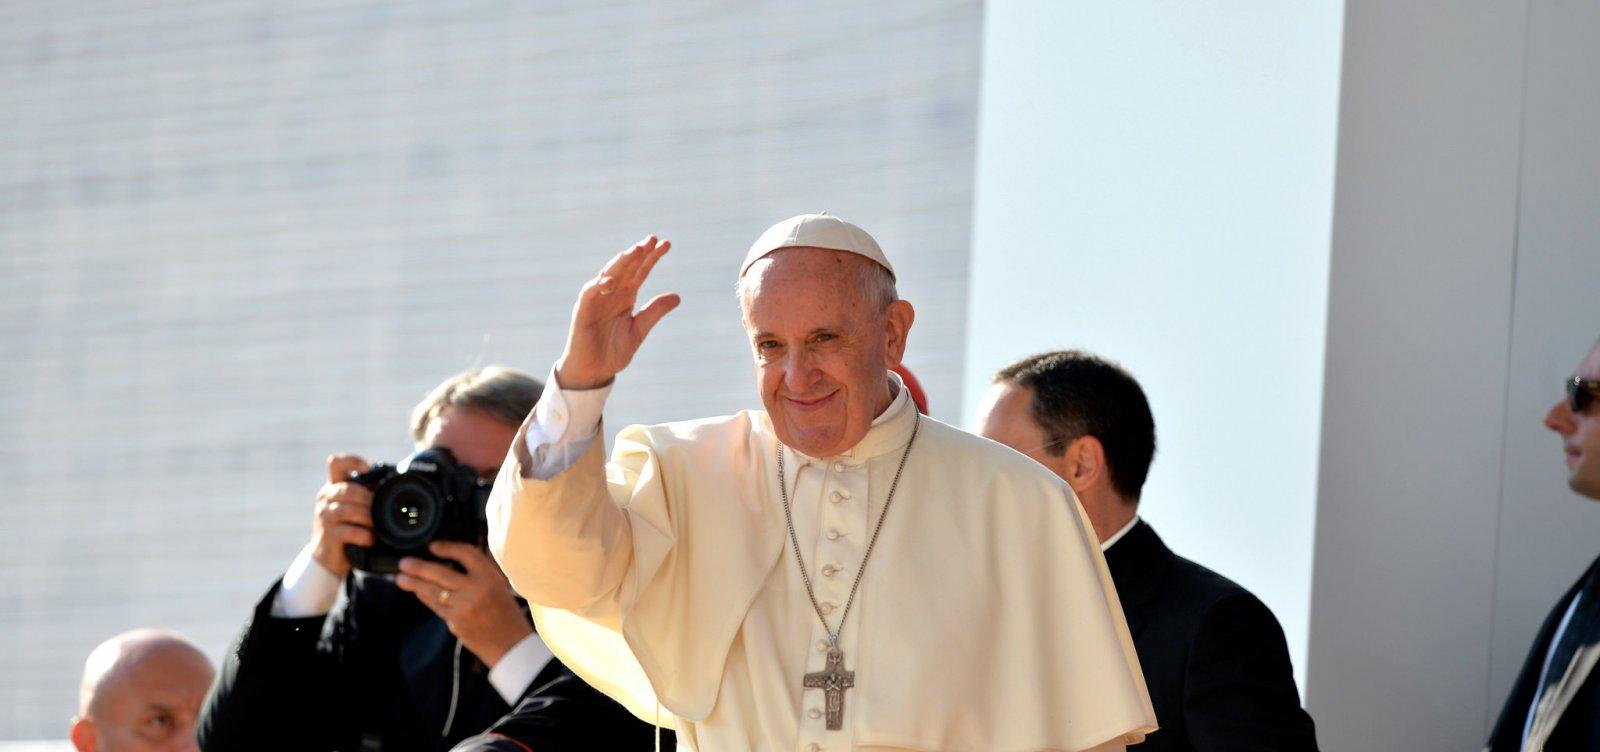 [Papa Francisco faz discurso contra ódio: 'Parem de pensar em vocês mesmos']